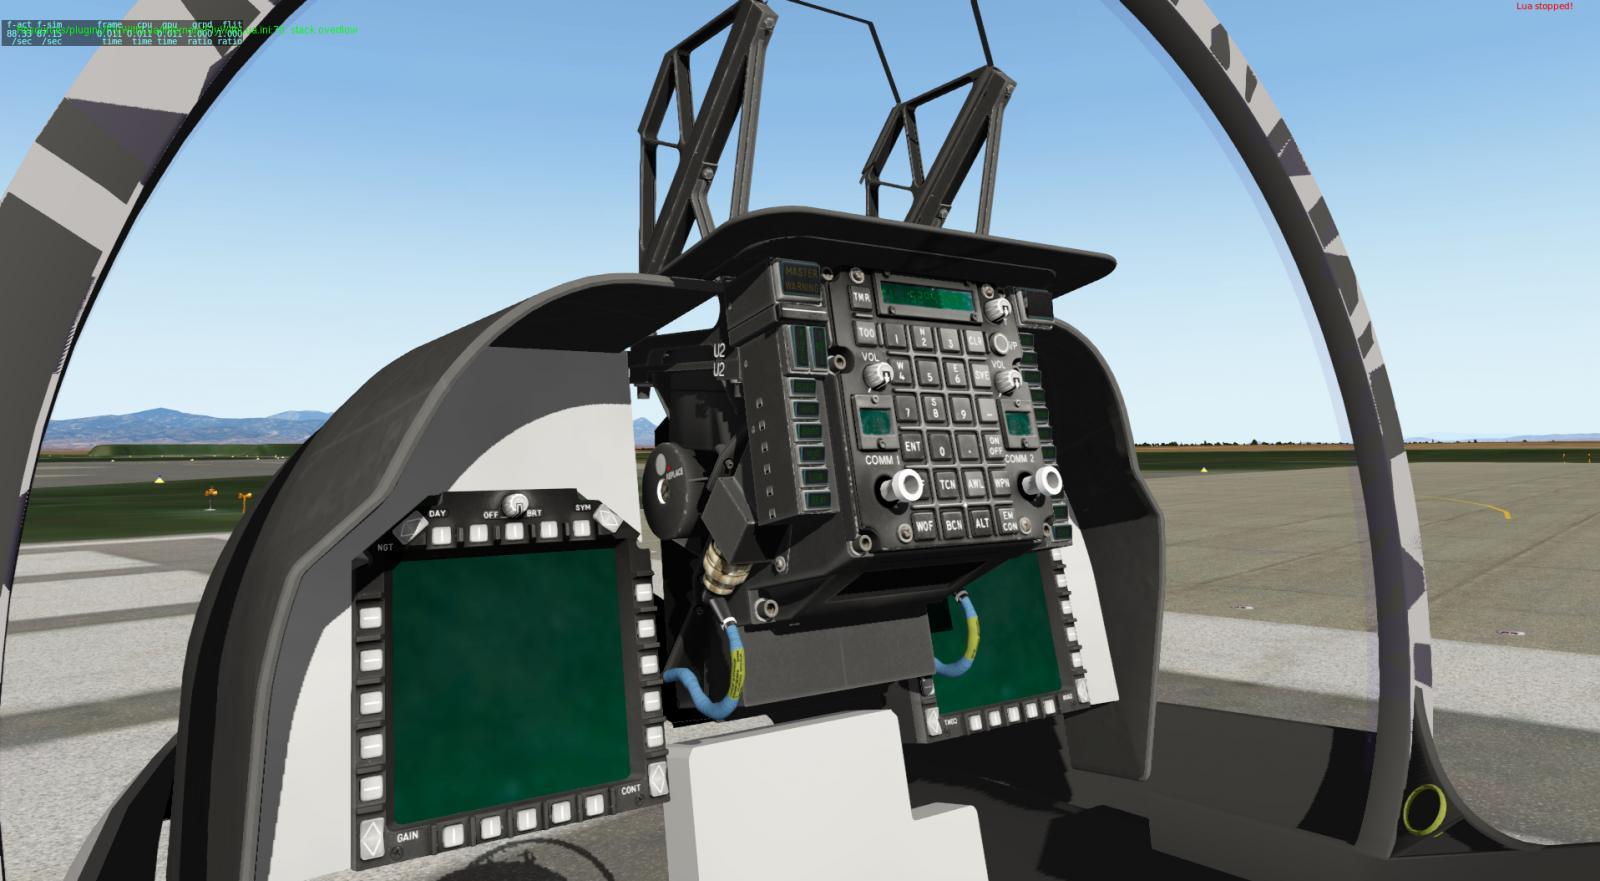 Harrier AV-8b by X-Trident (work in progress) - Harrier AV-8b - X